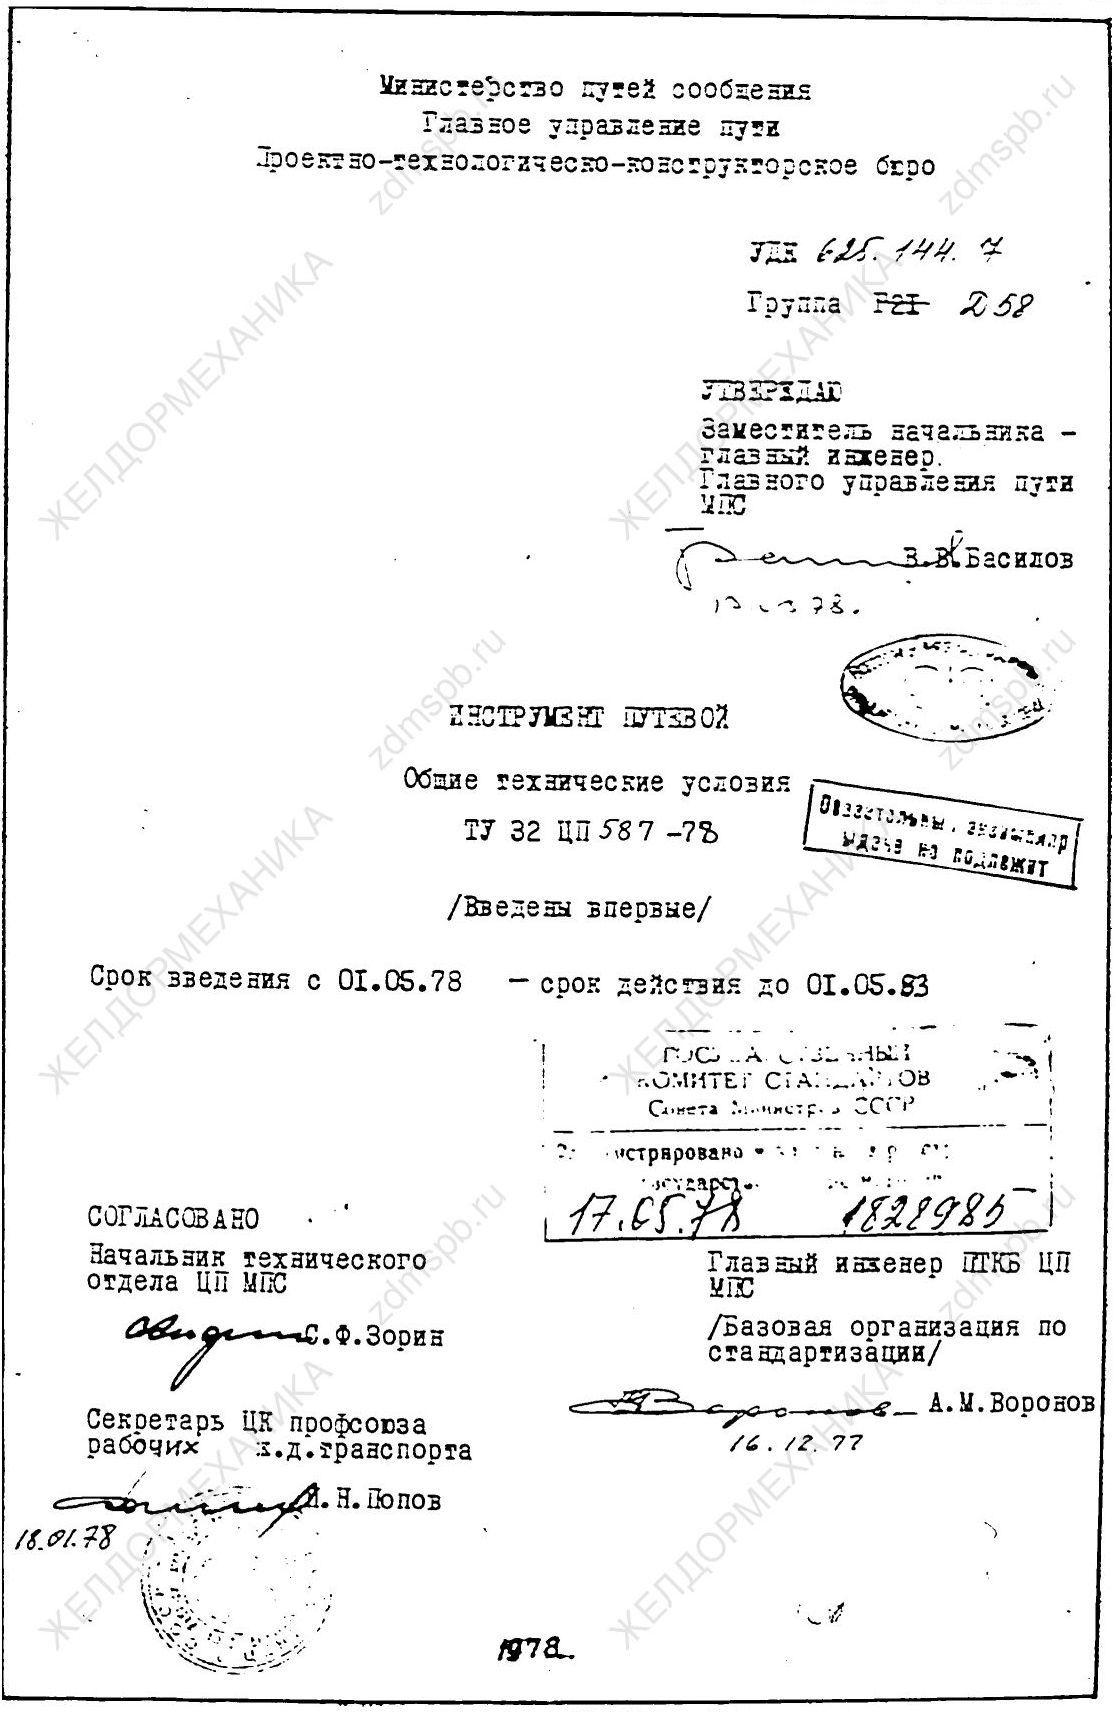 ТУ 32 ЦП 587-78 Титульный лист